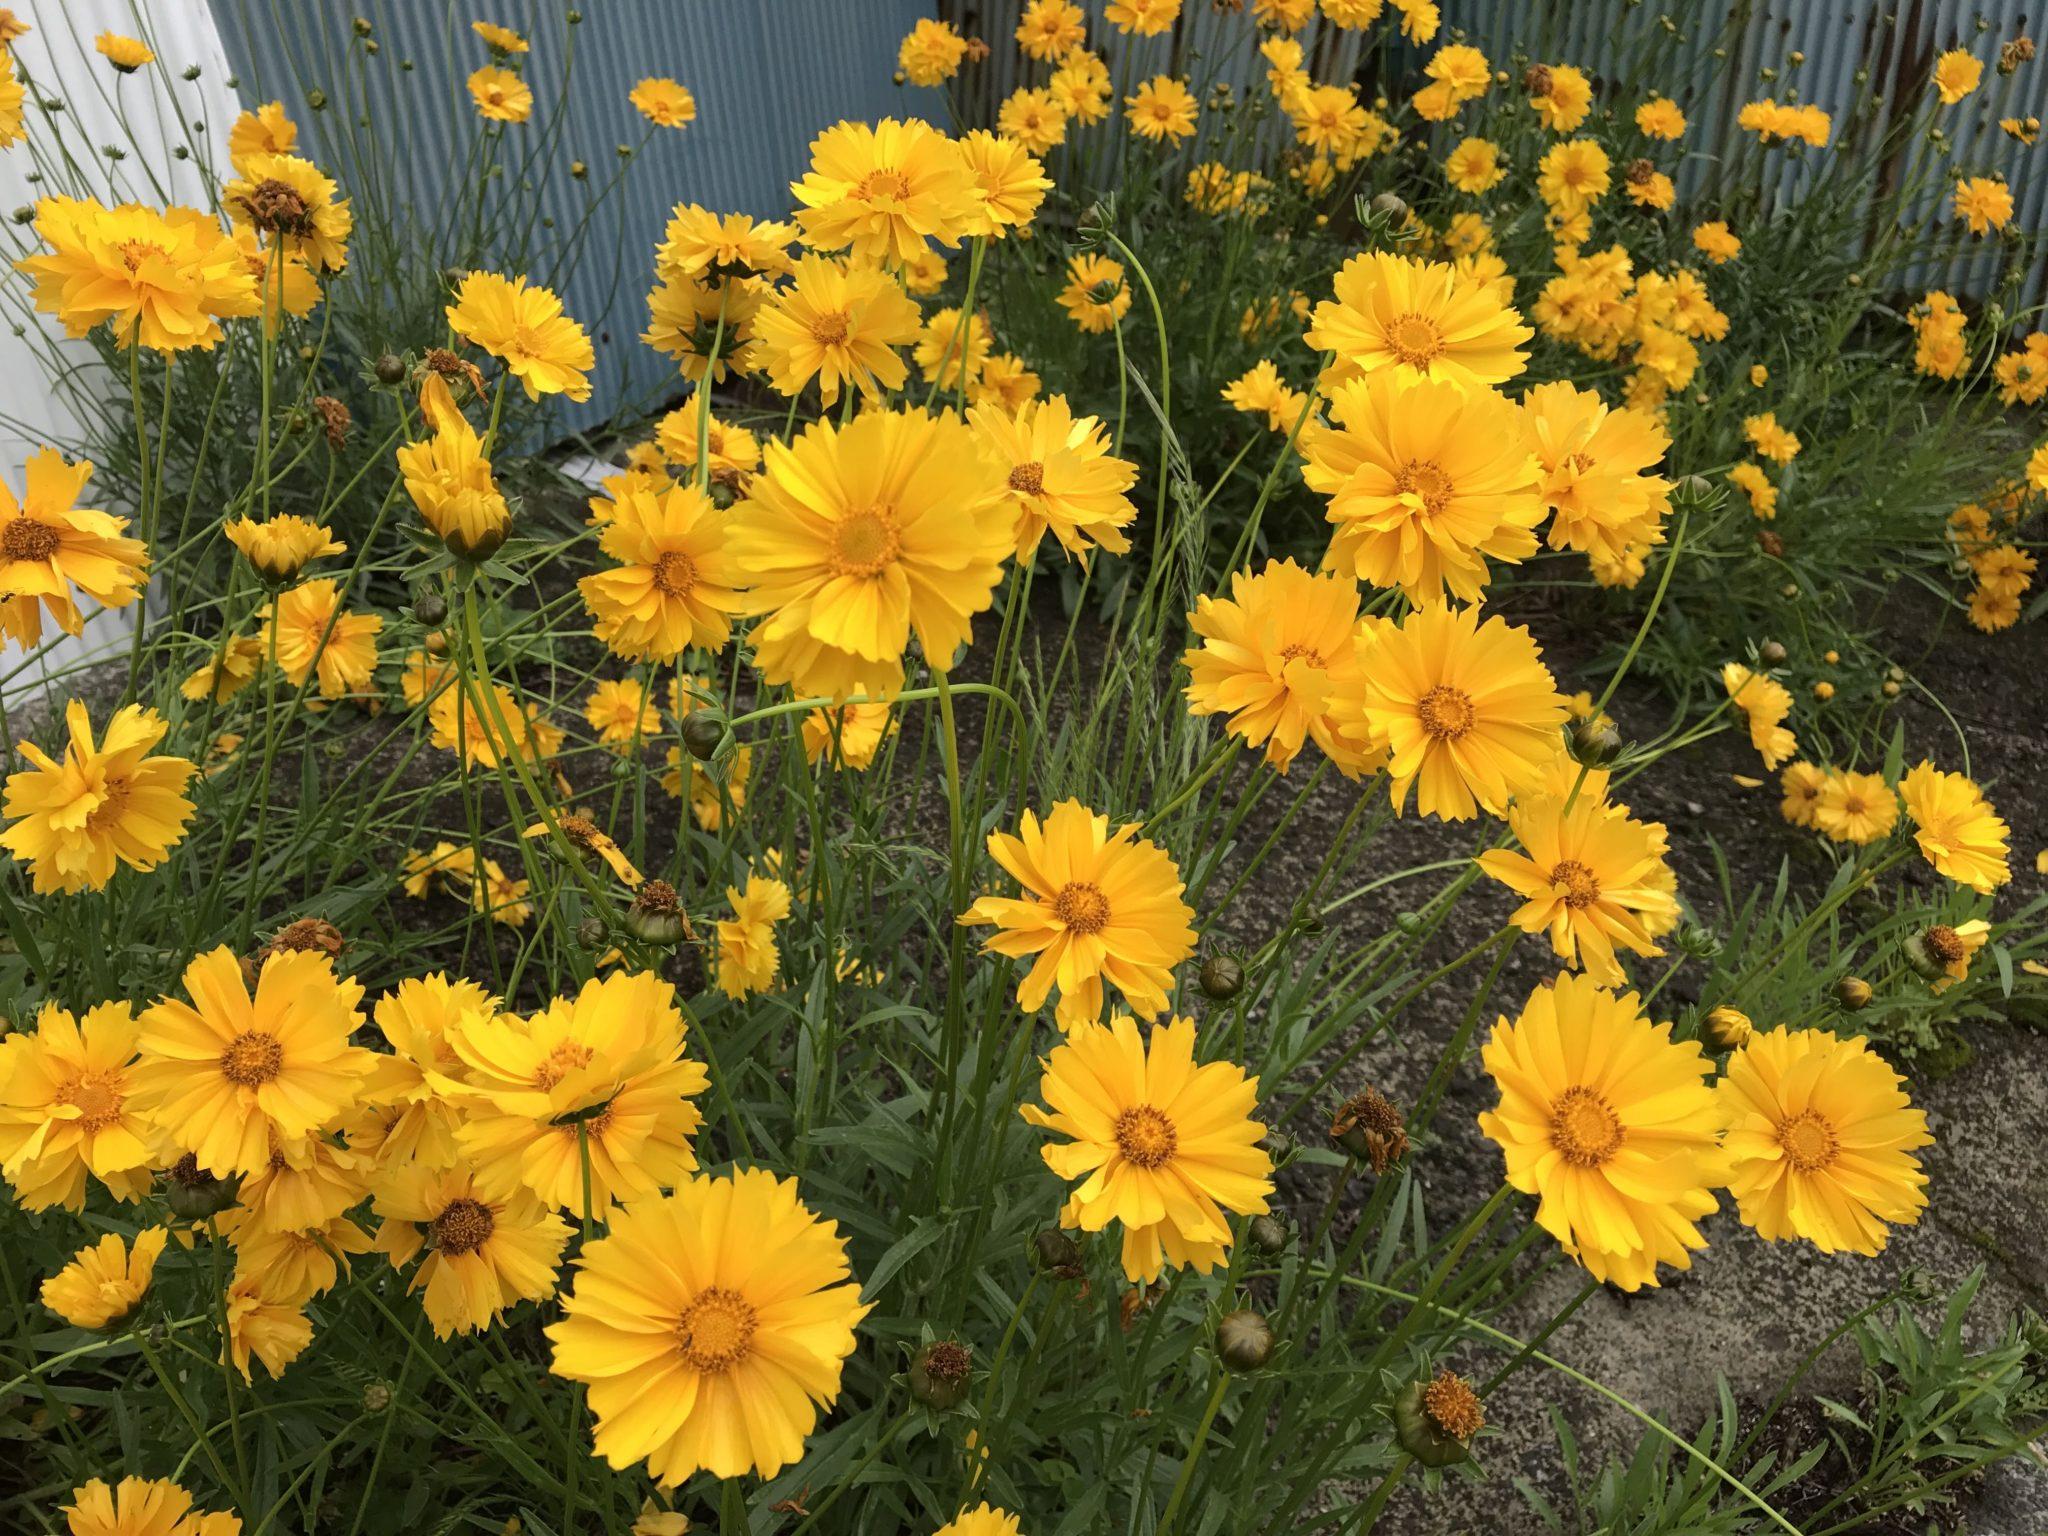 外来種のオオキンケイギクがきれいに咲いています。 罰則、罰金あるのかな?